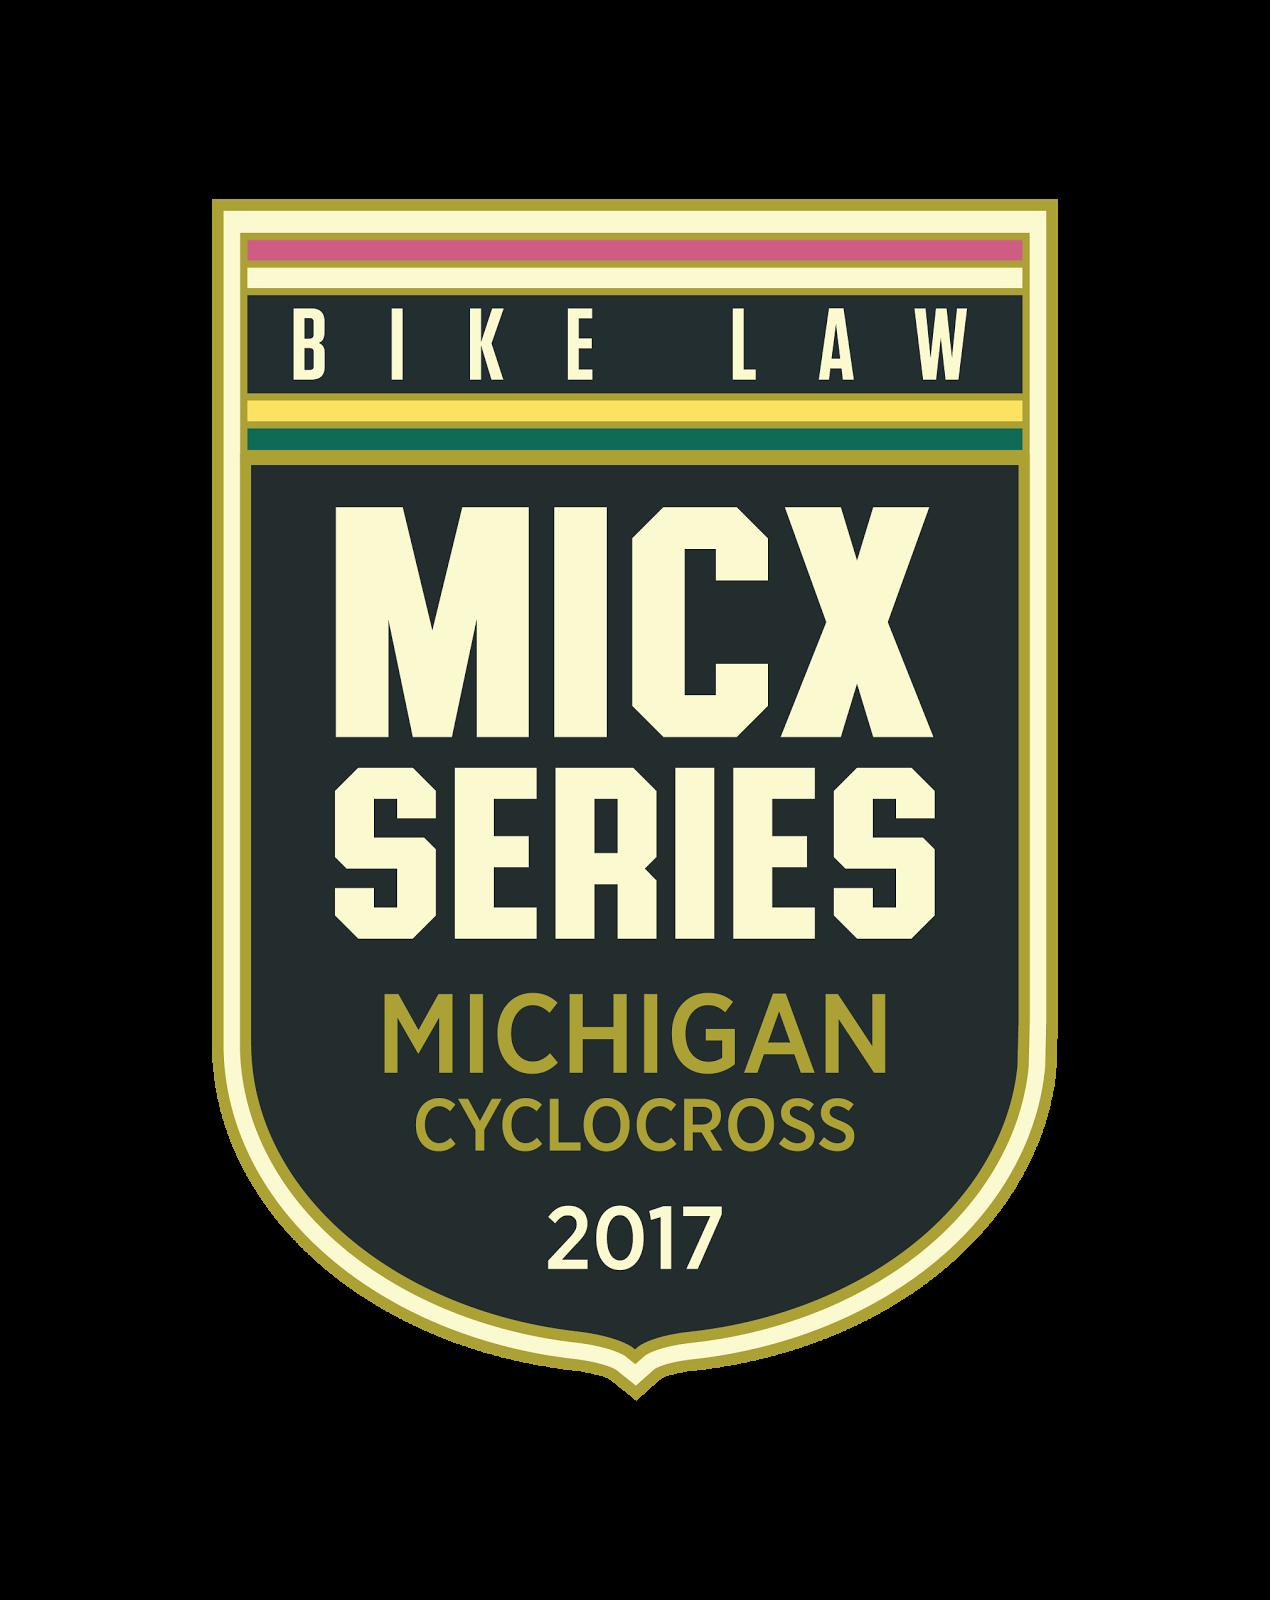 MICX Series